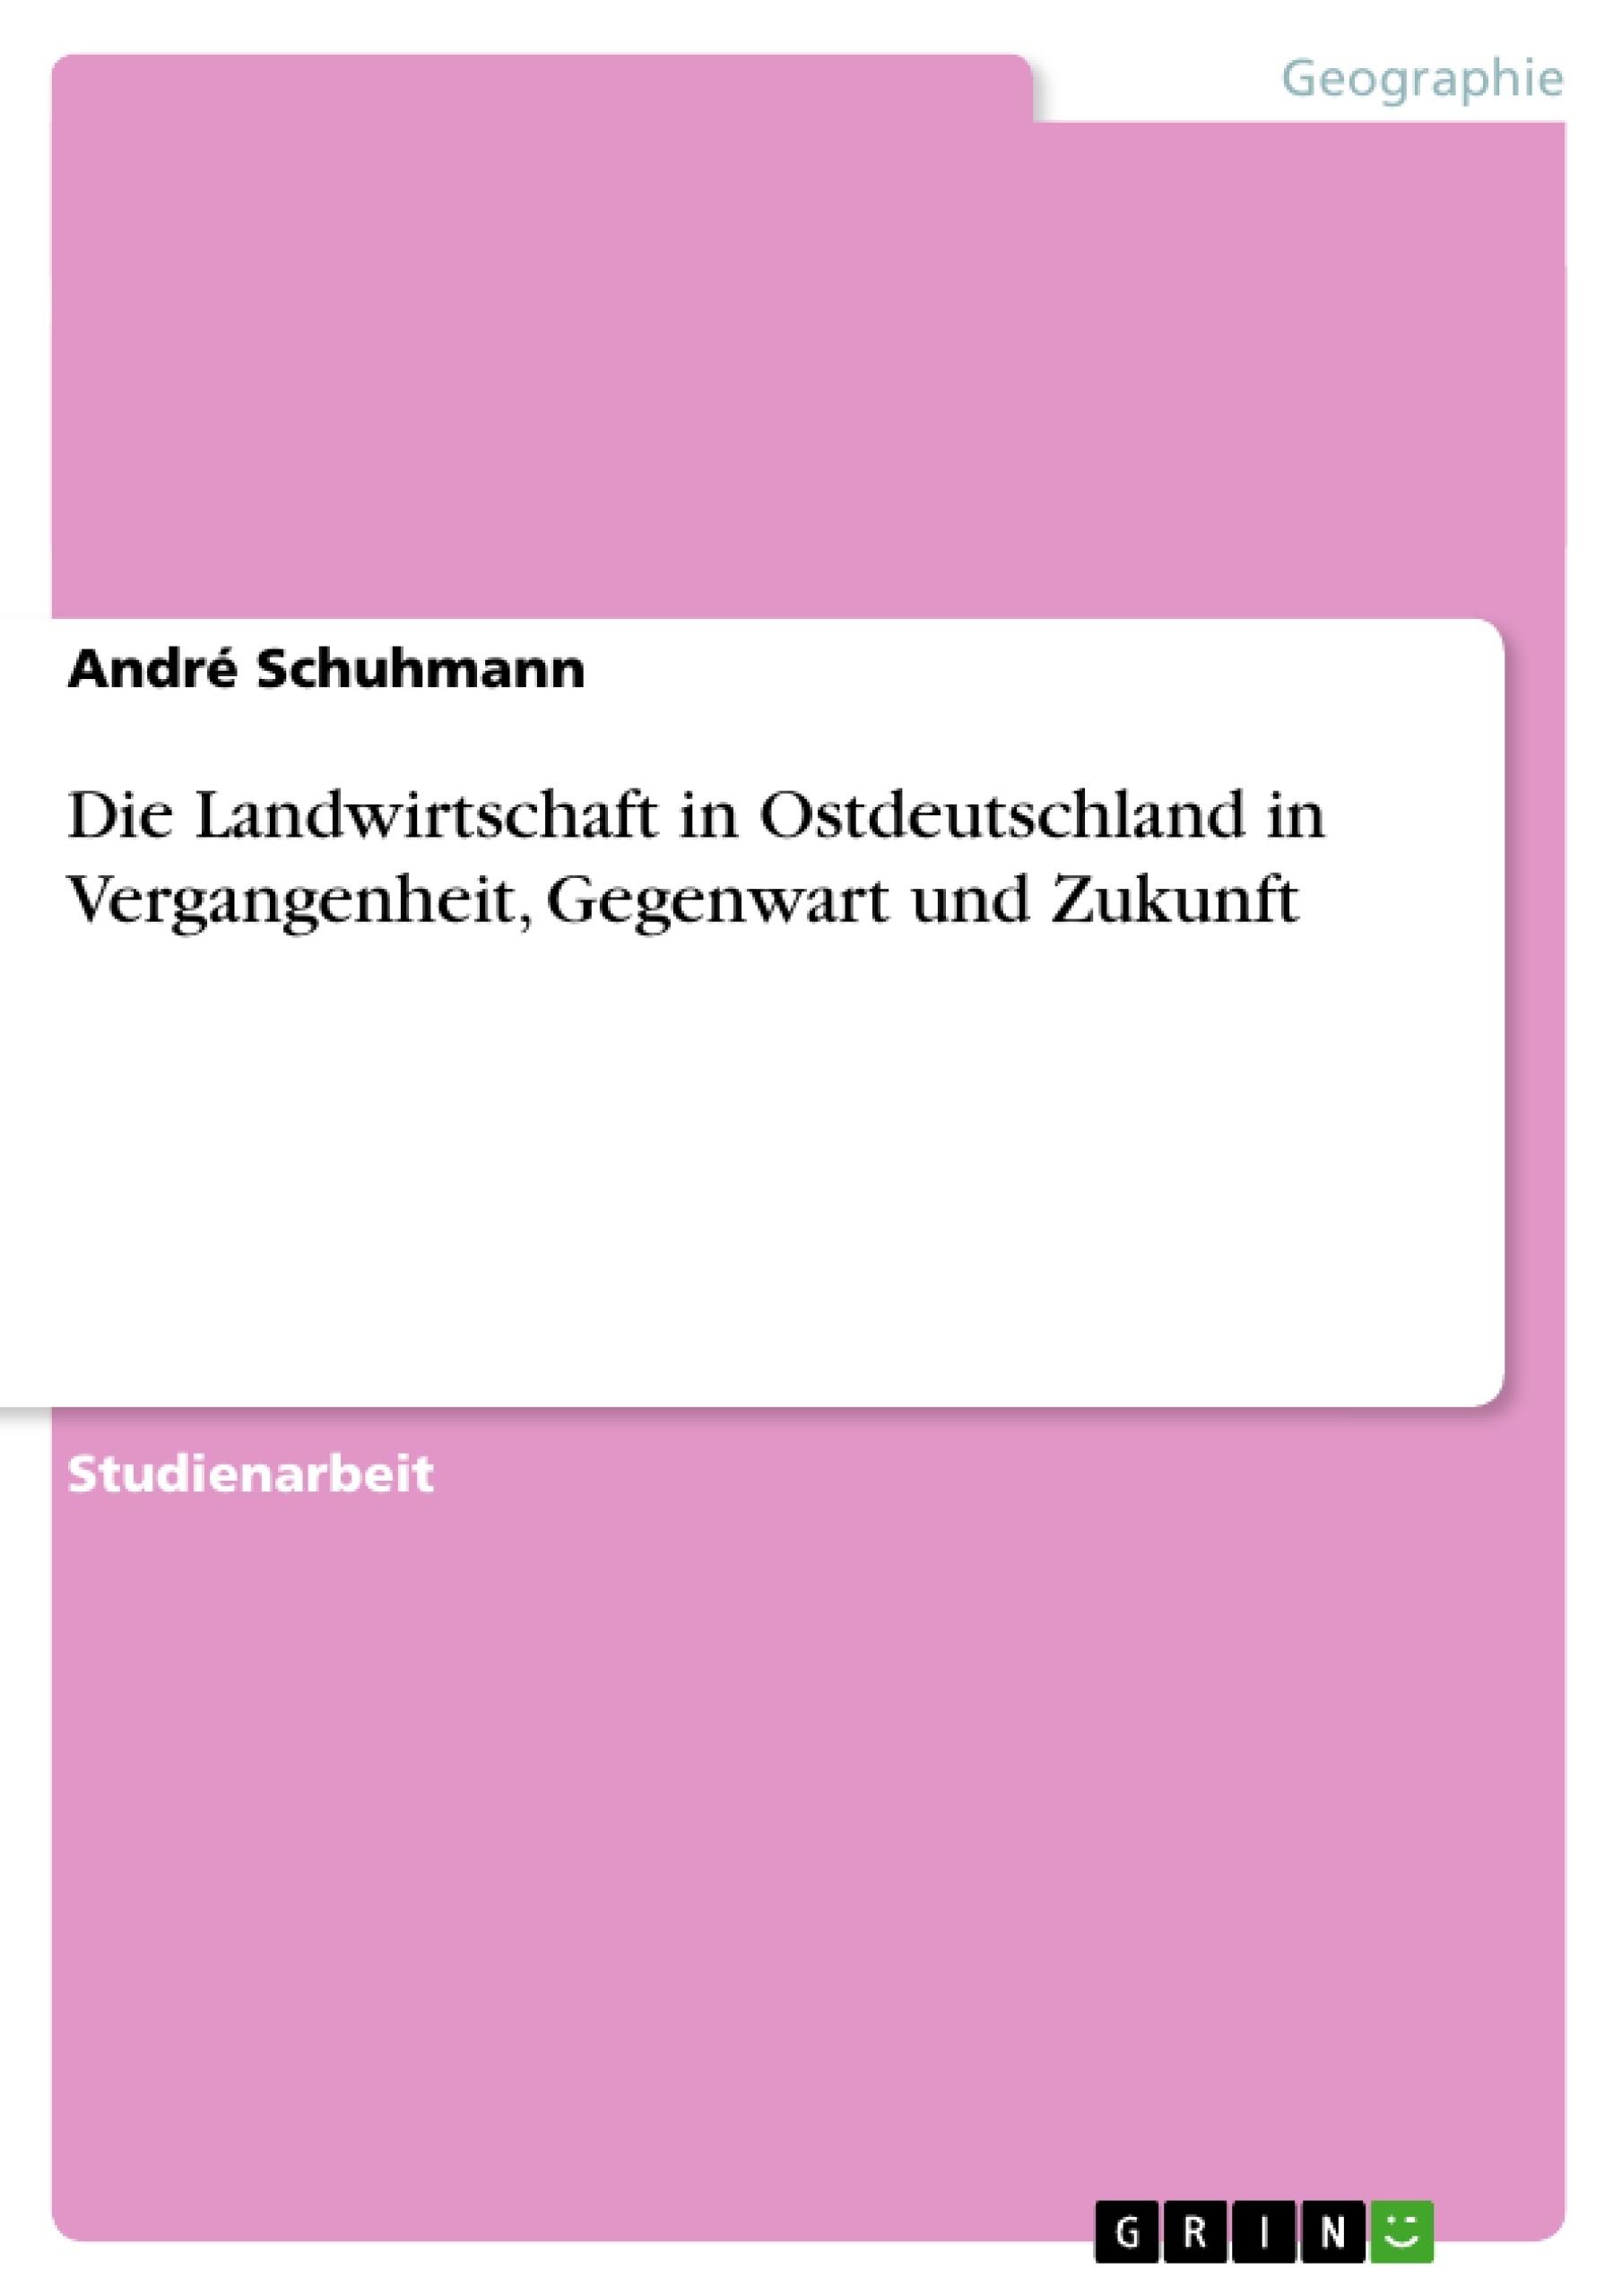 Titel: Die Landwirtschaft in Ostdeutschland in Vergangenheit, Gegenwart und Zukunft